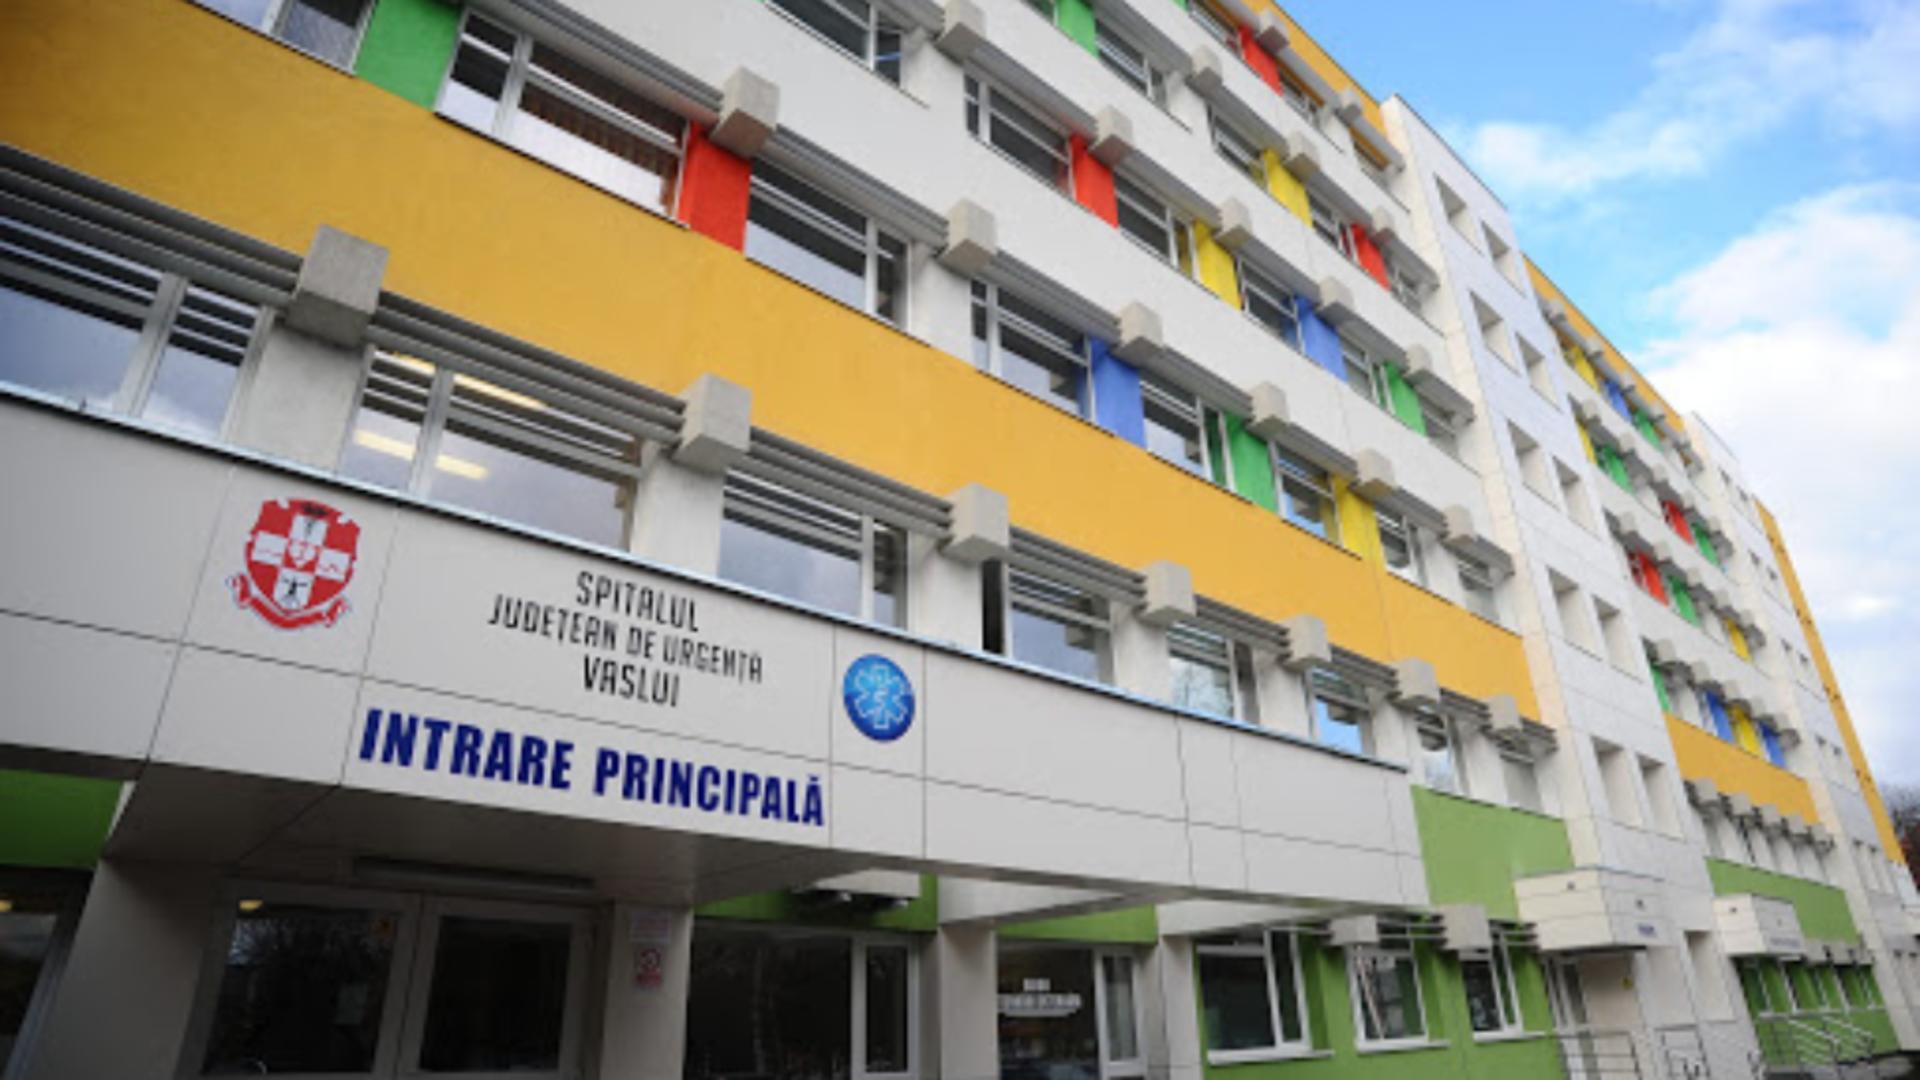 Spitalul de Urgență Vaslui